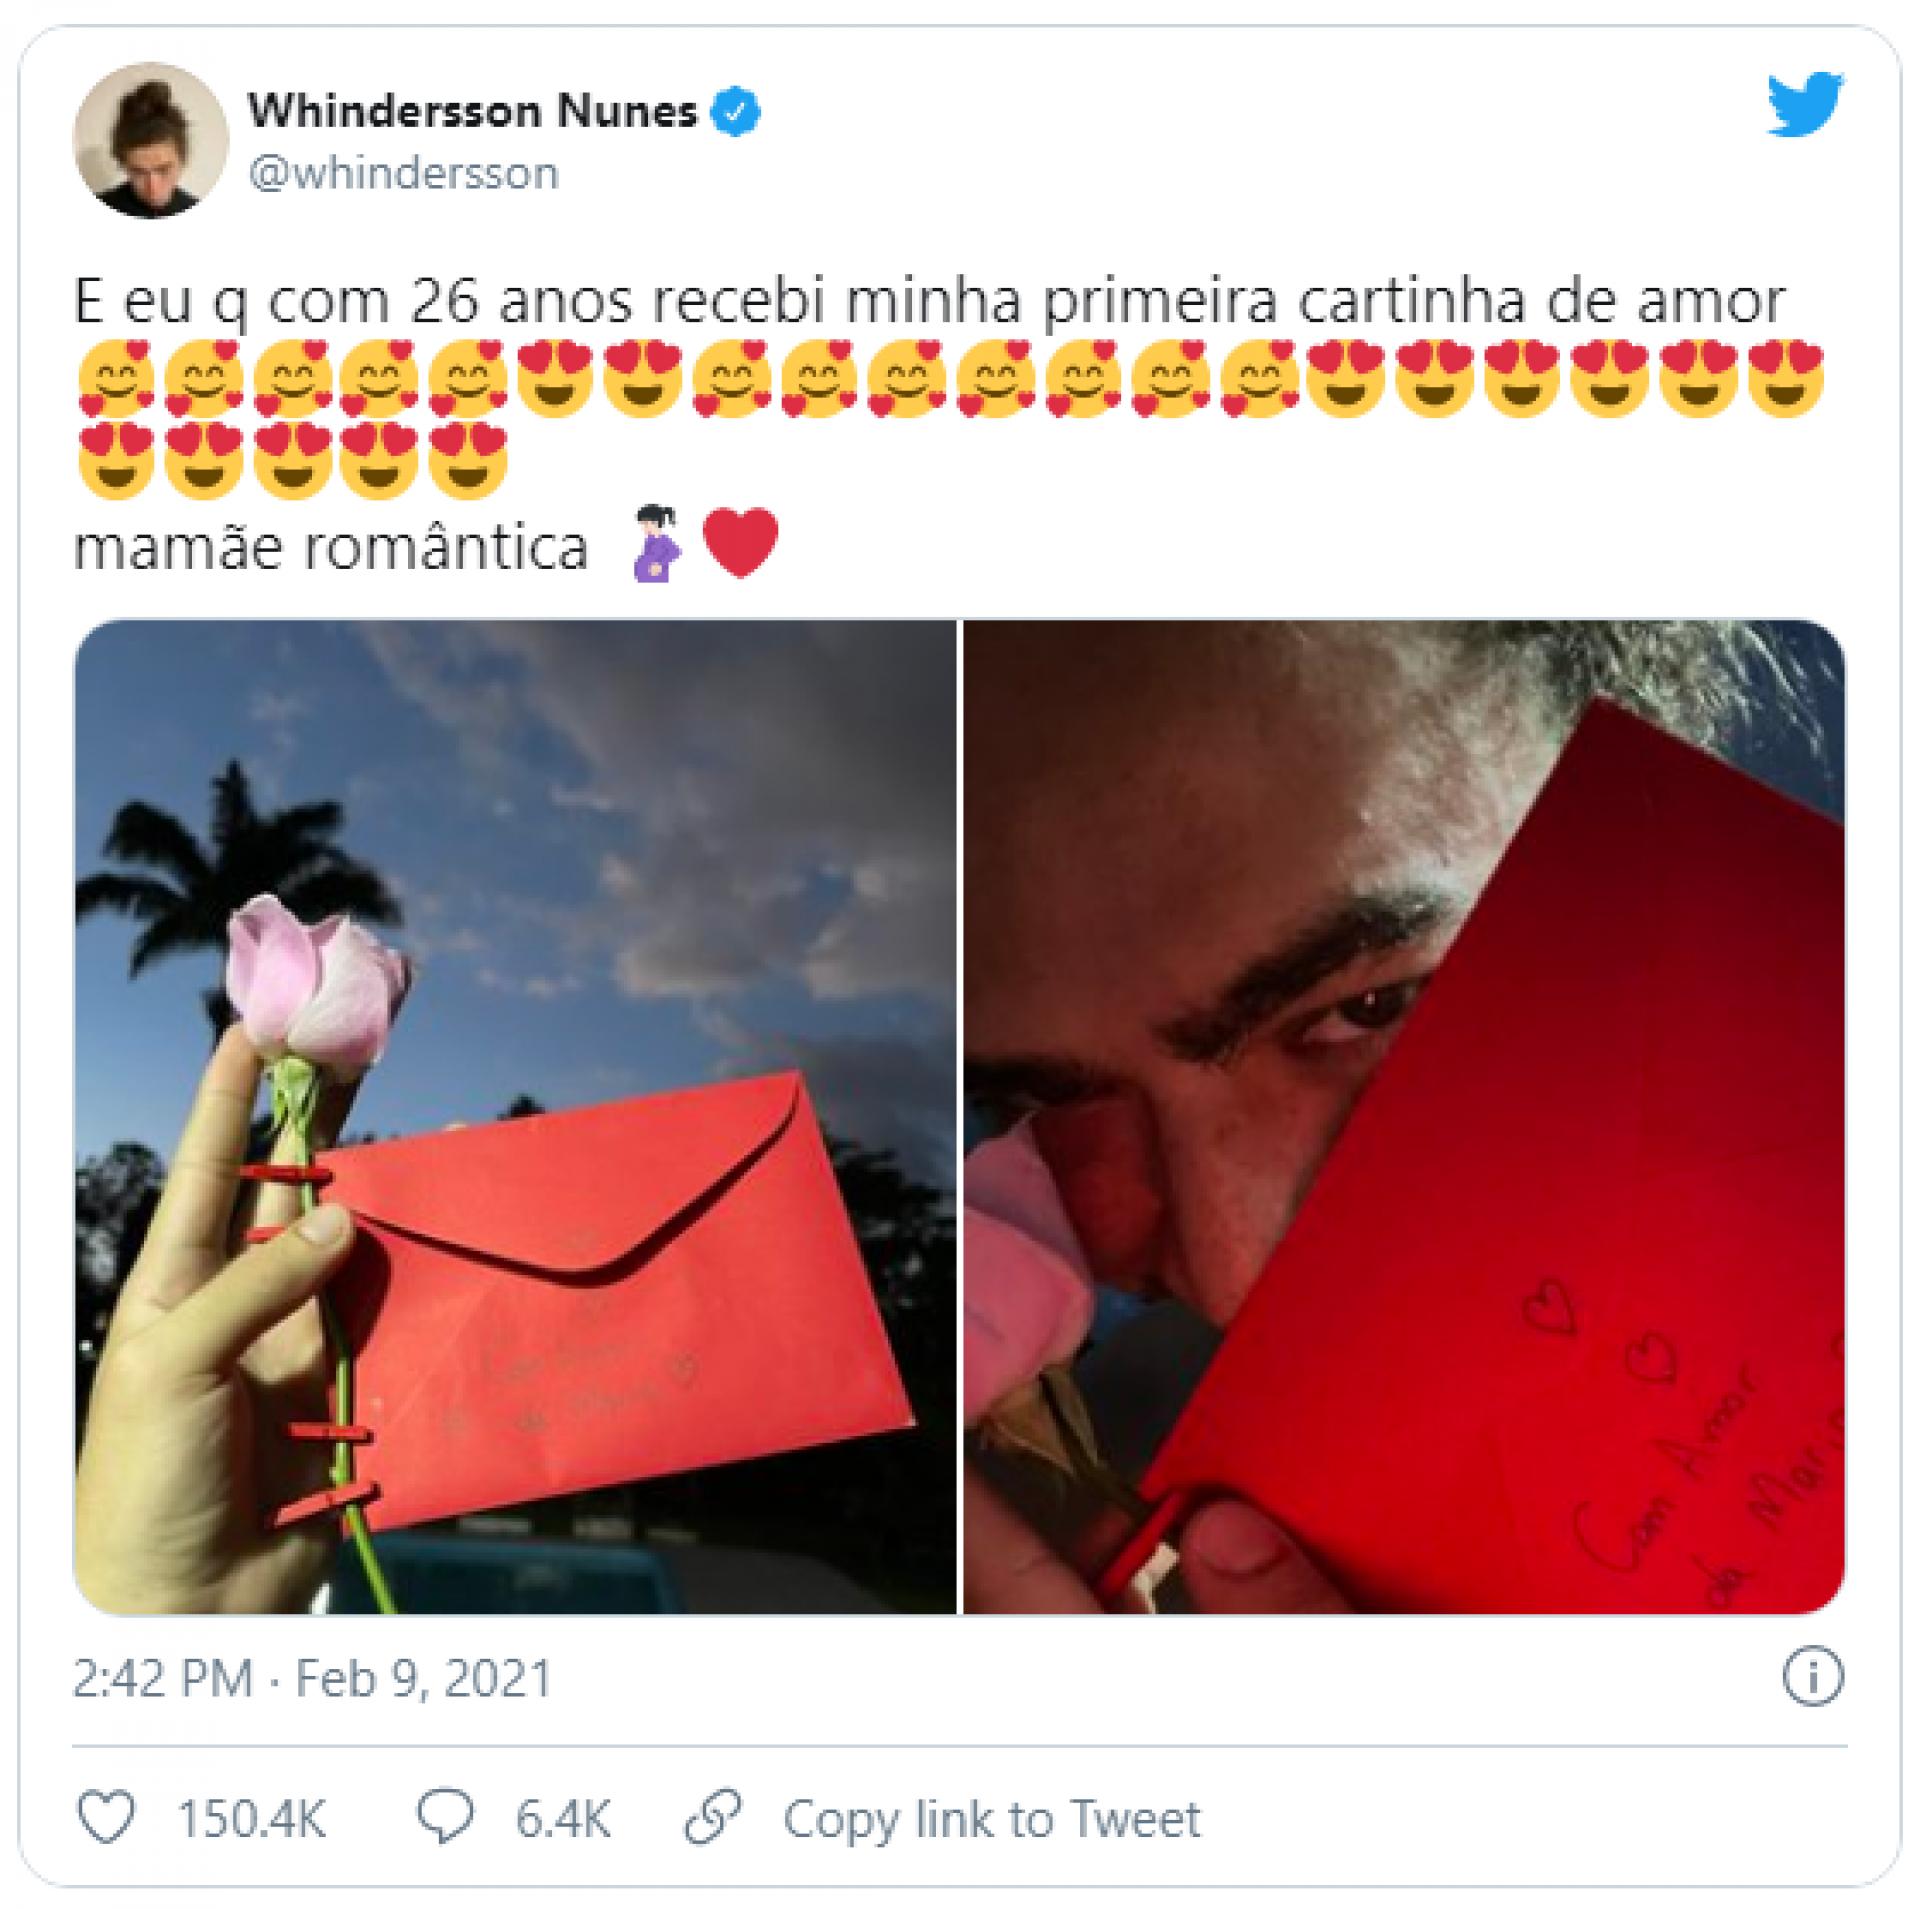 Tweet de Whindersson Nunes sobre carta romântica da namorada